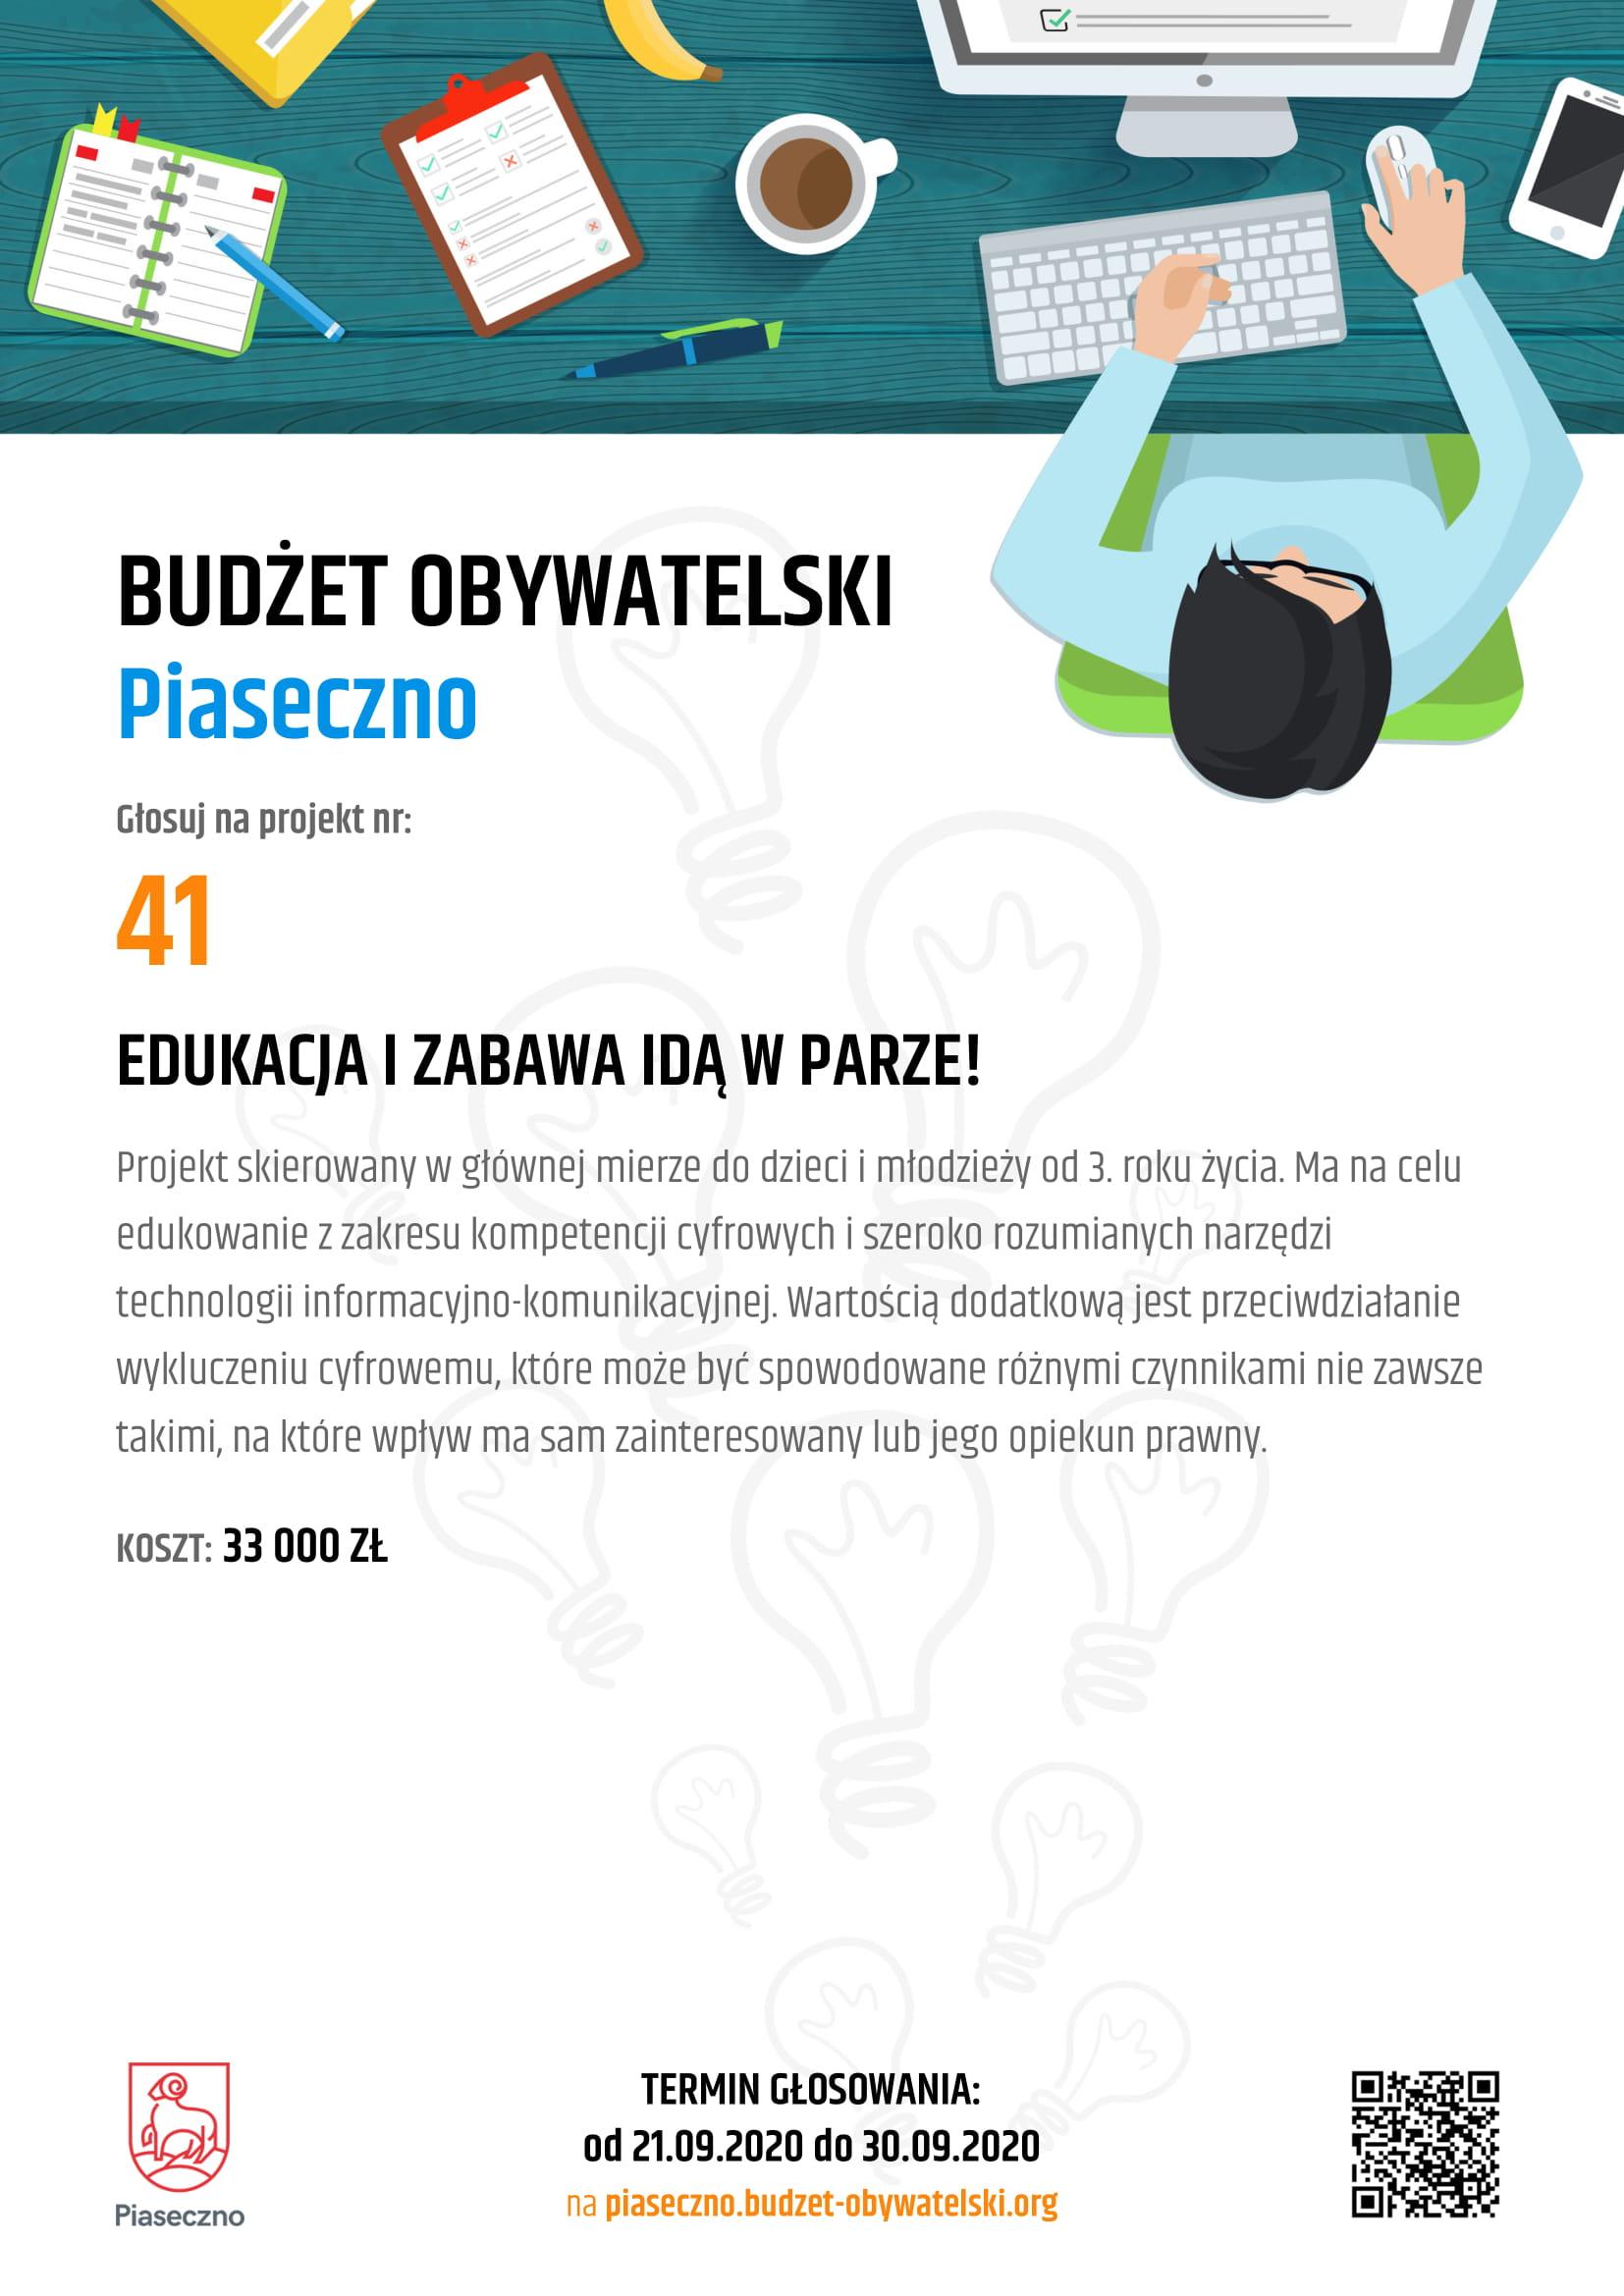 Budżet Obywatelski Piaseczno 41 Edukacja IZabawa Idą WParze!